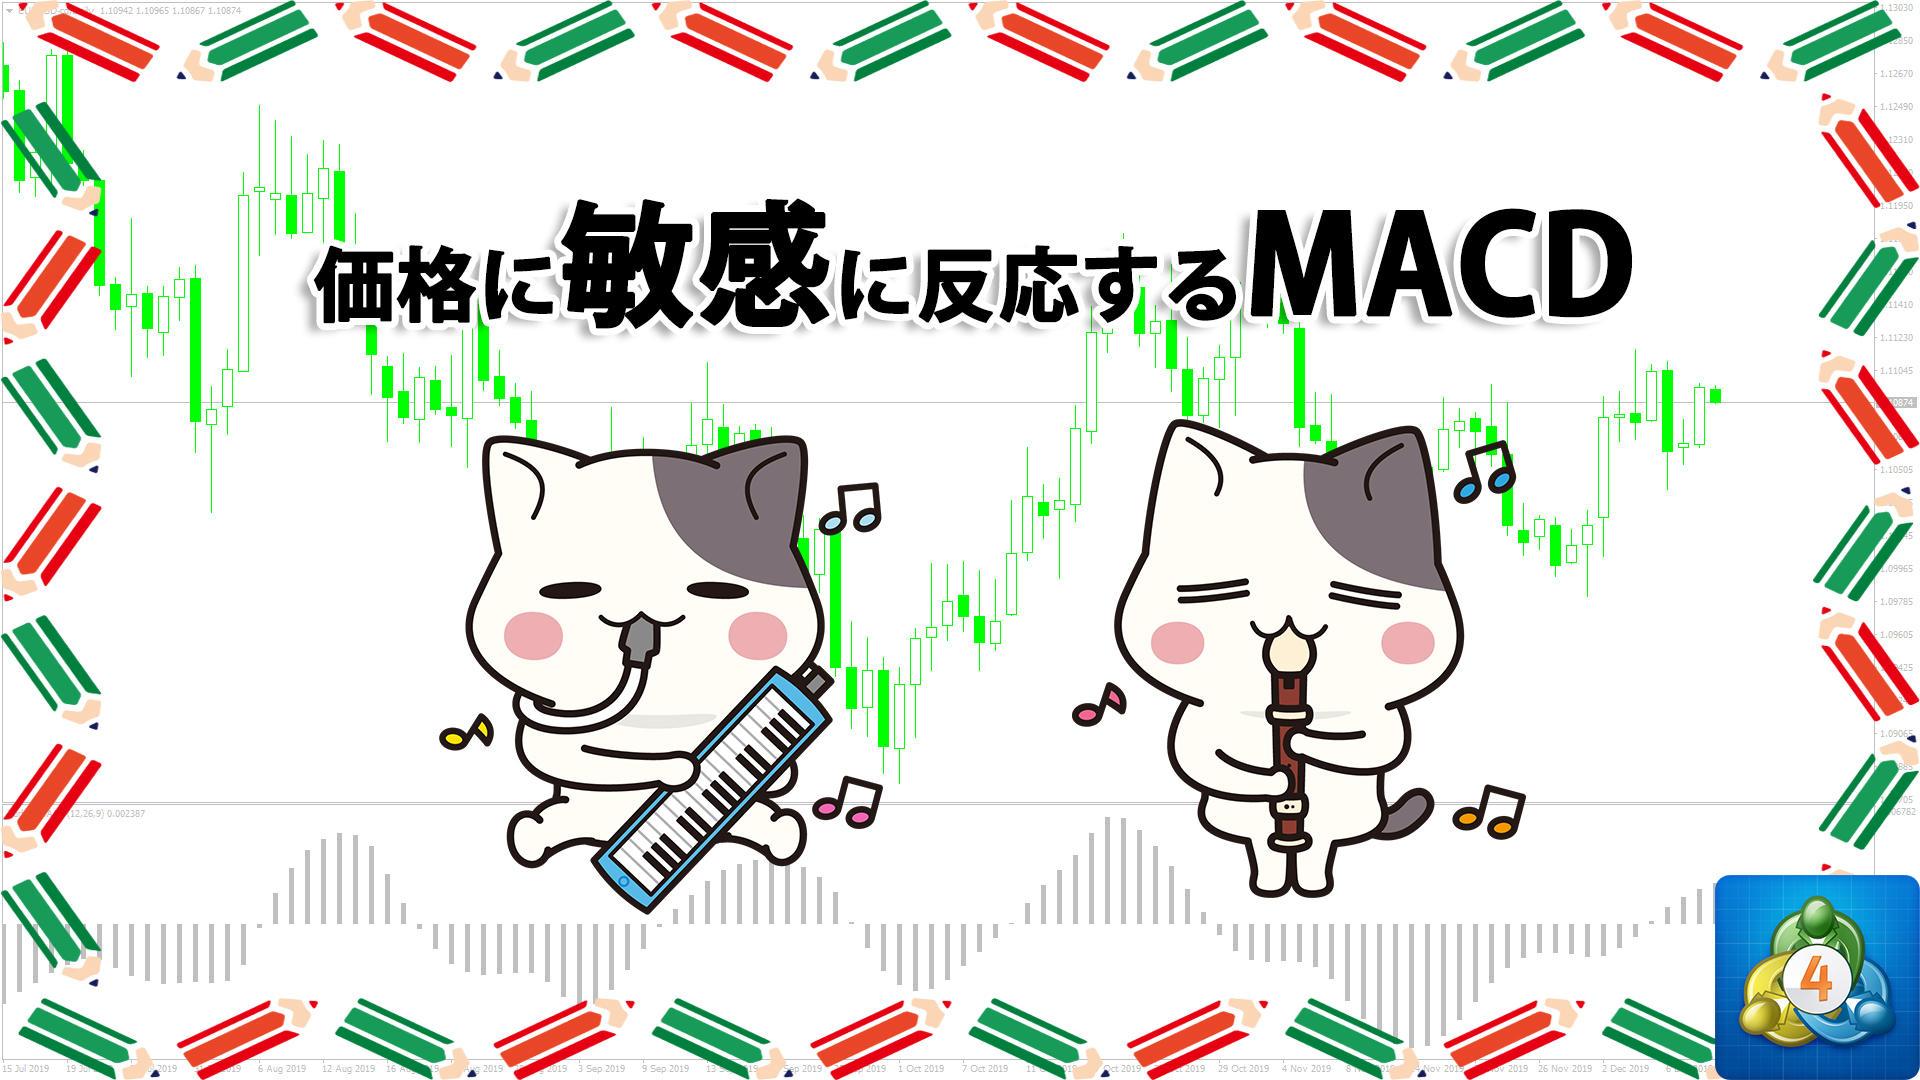 価格に敏感に反応するMACDを表示するMT4インジケーター「Turbo_JMACD」